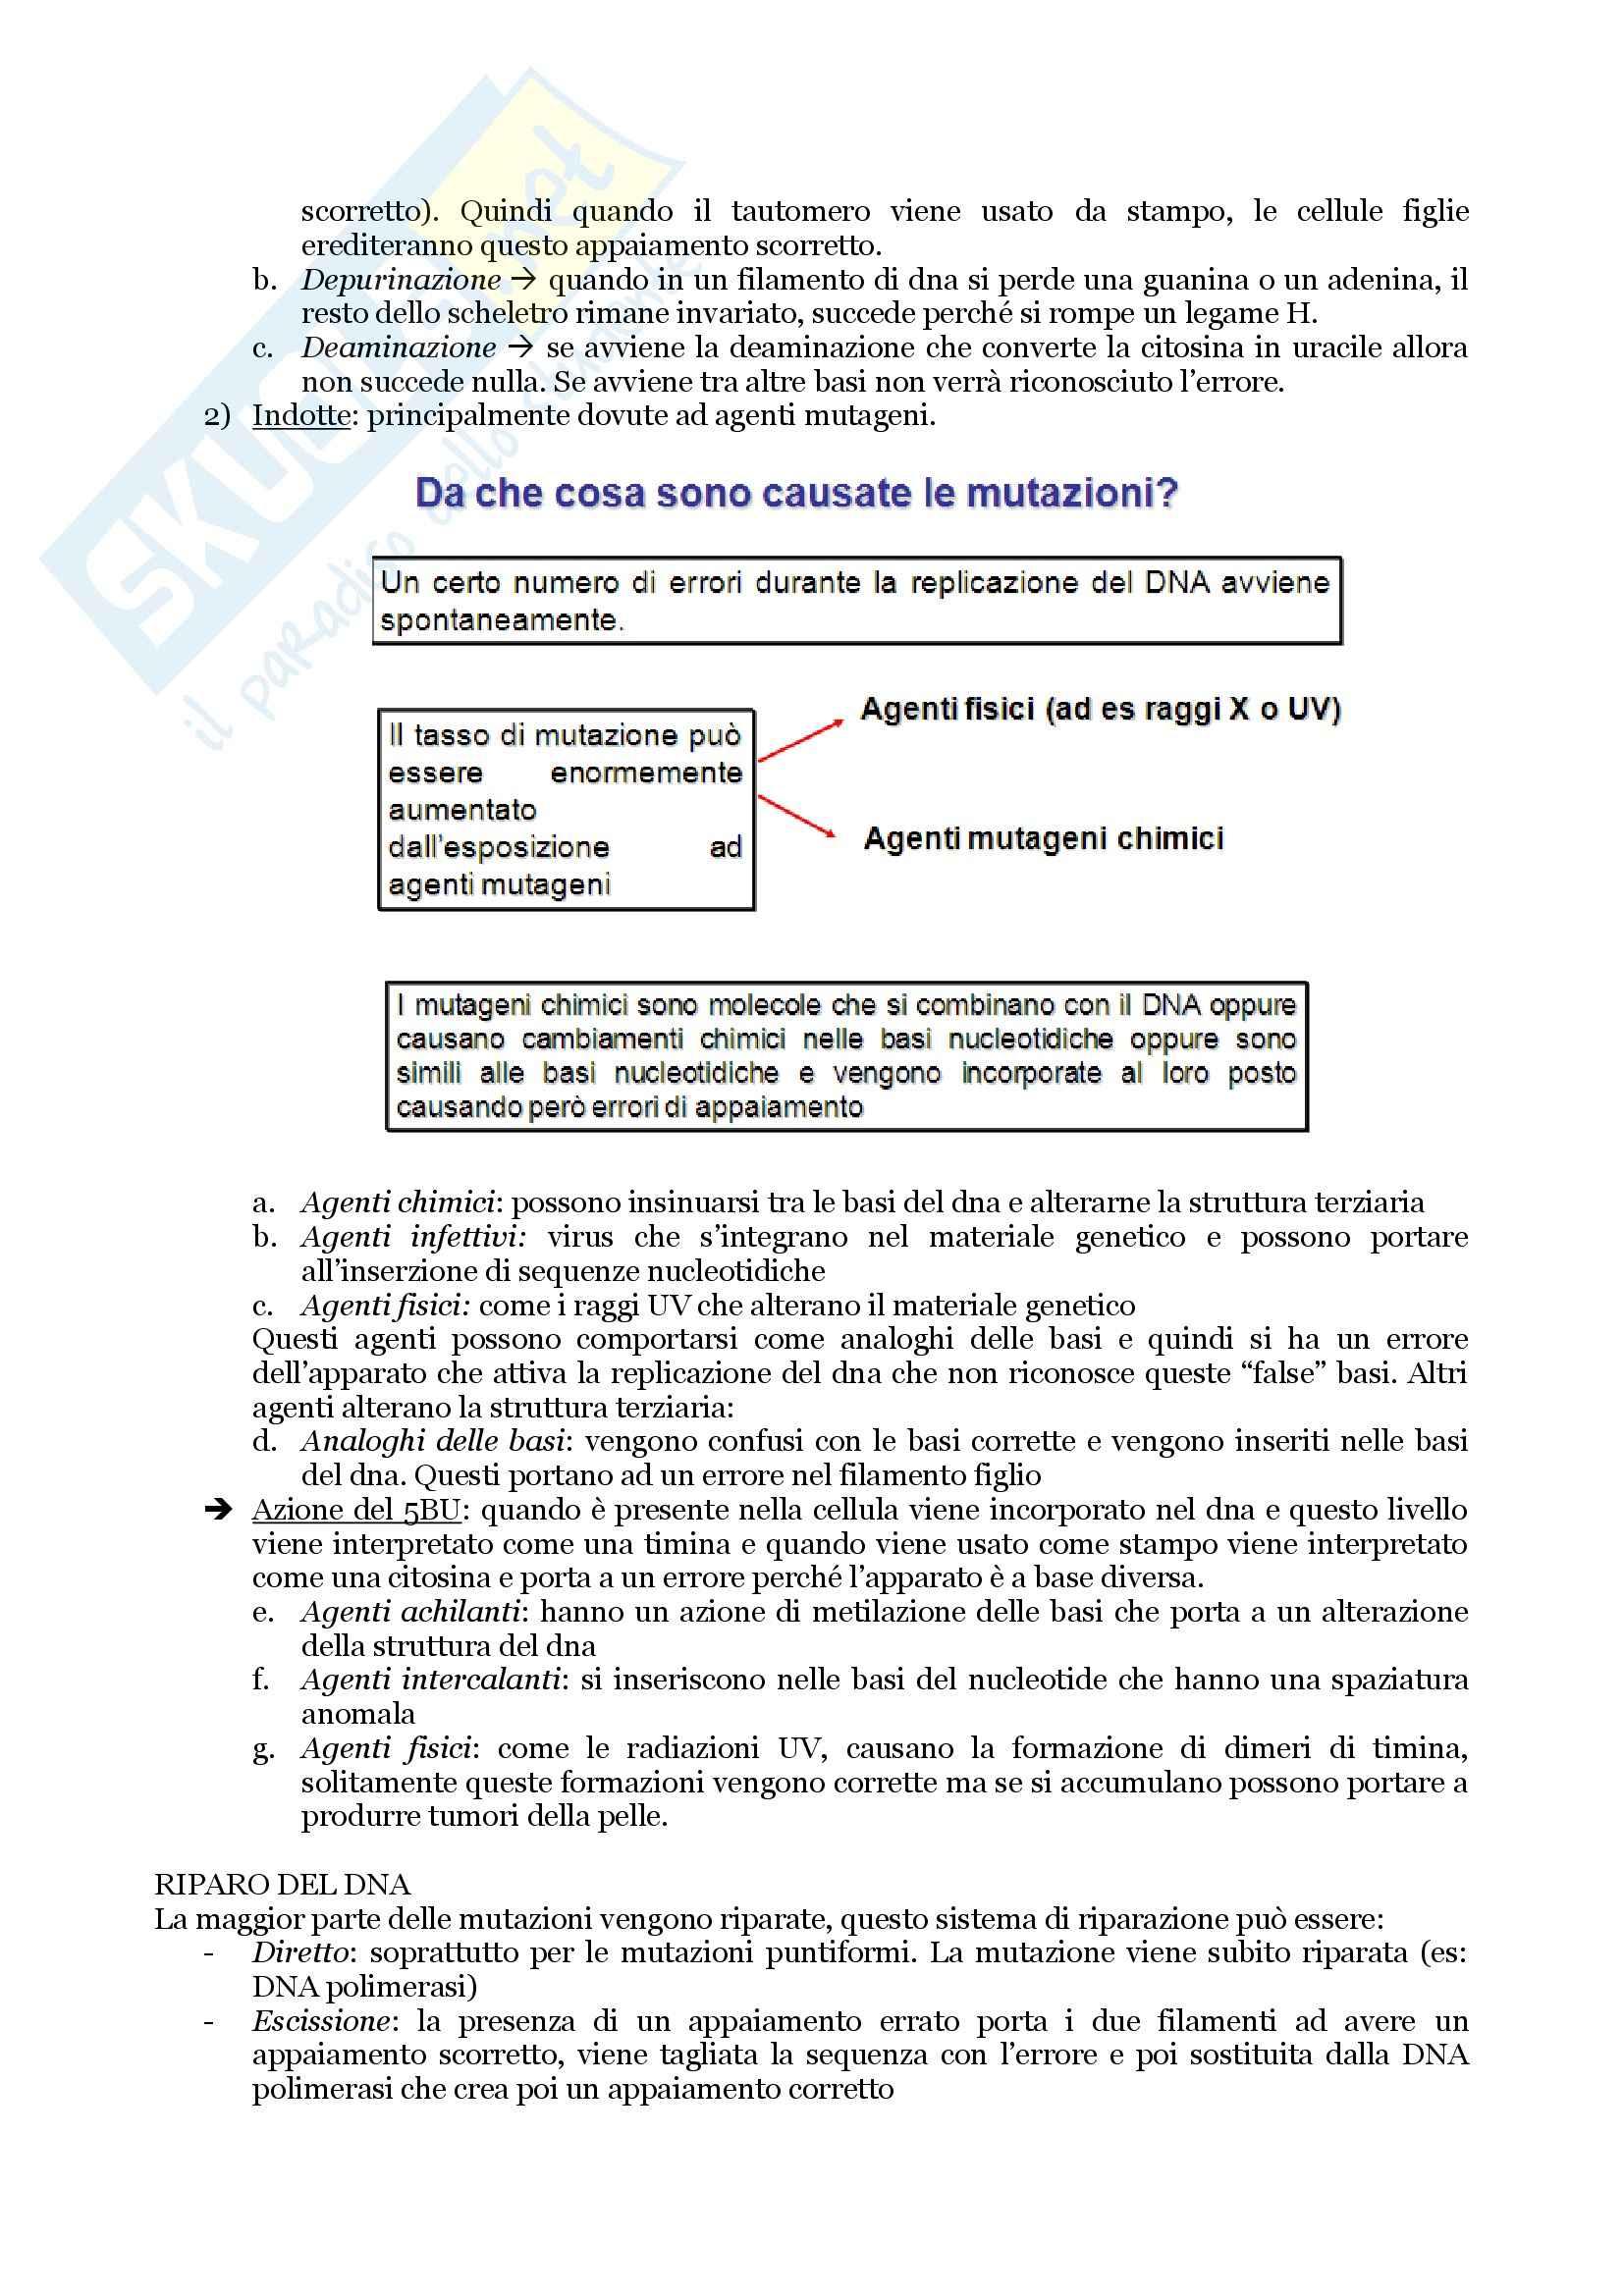 Biologia Applicata - Appunti, Slides e Schemi libro Pag. 56